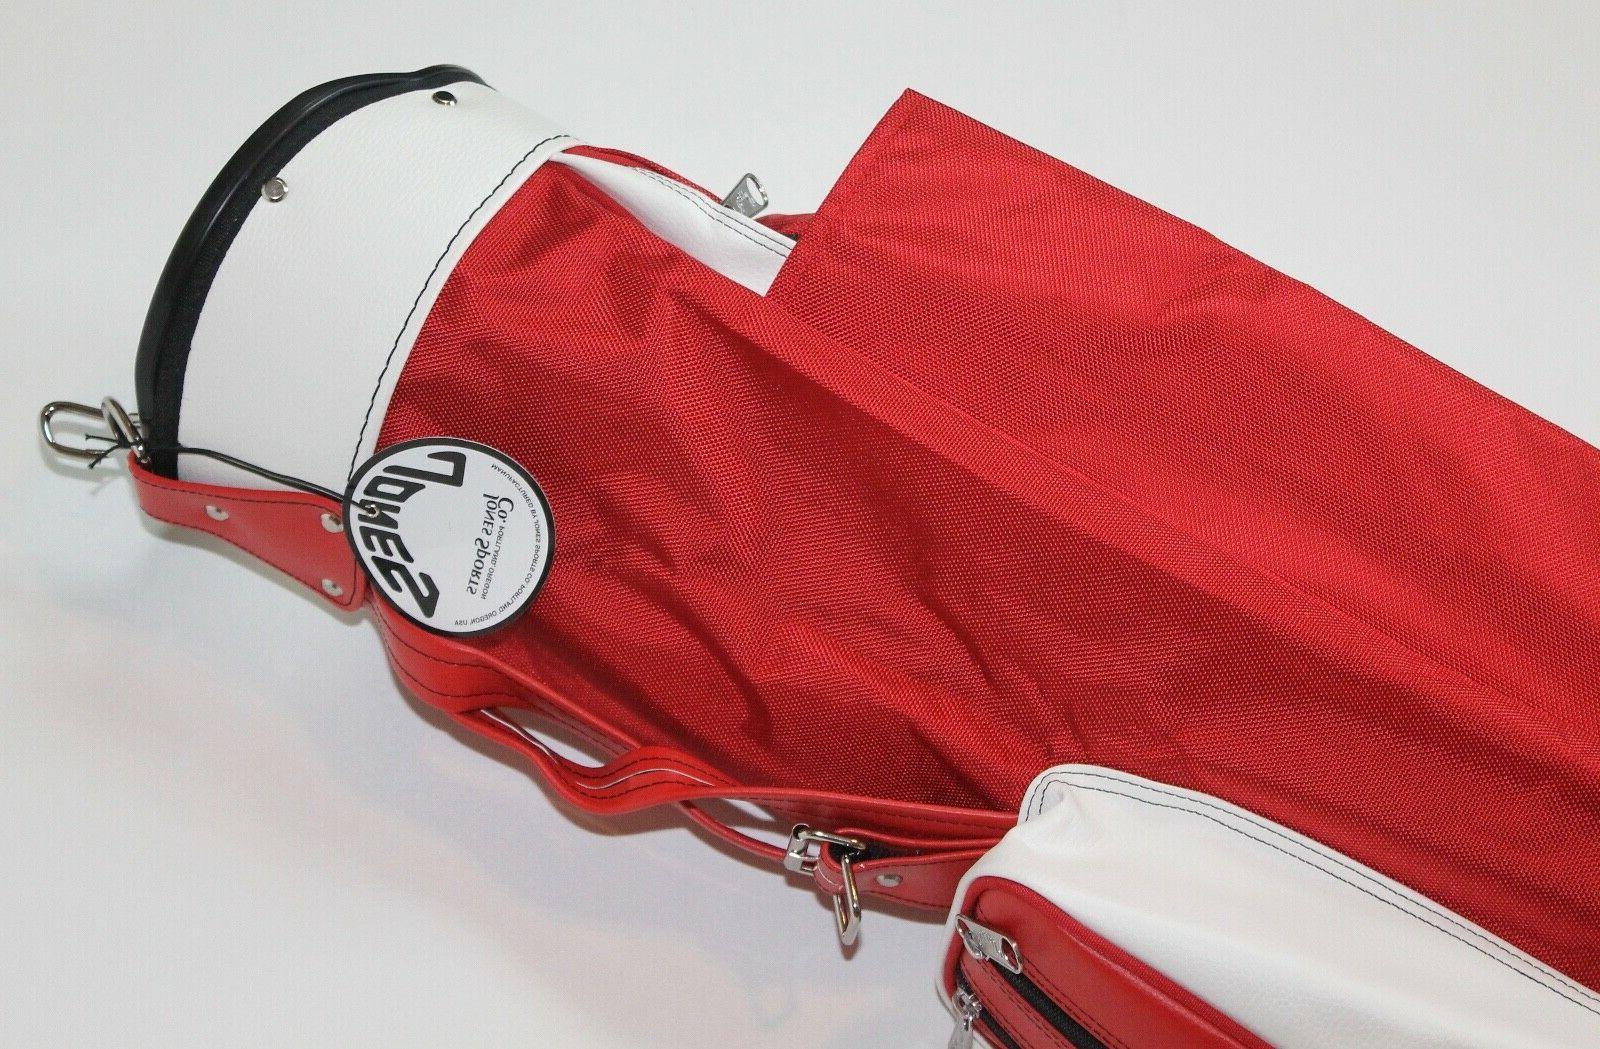 Original Golf Strap Carry Bag Red & White Lightweight